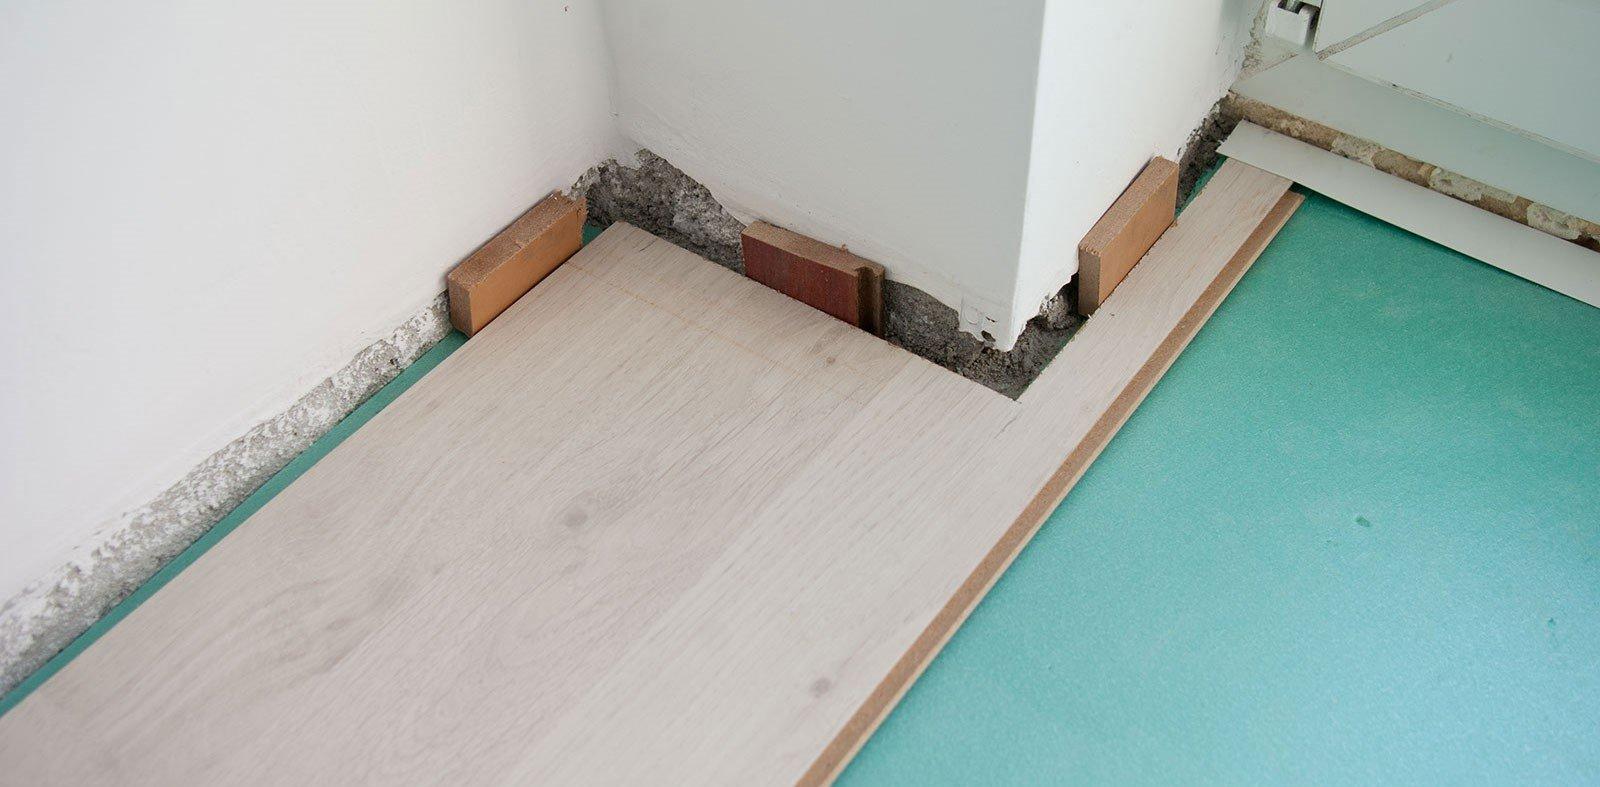 Как правильно положить ламинат своими руками на бетонный пол